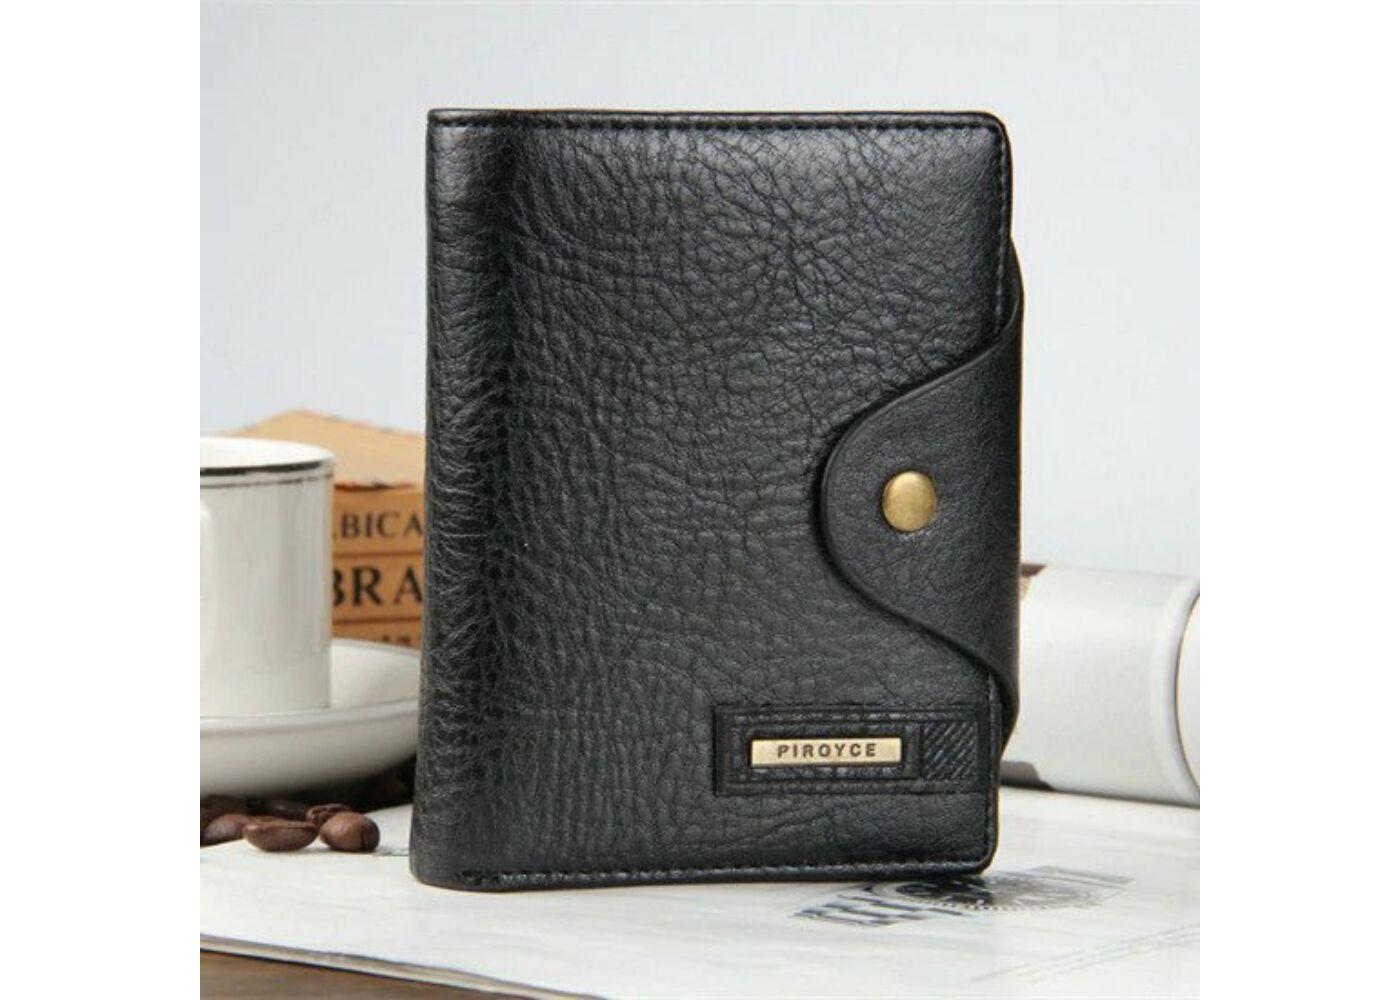 7ee0ceab3f PIROYCE valódi bőr férfi pénztárca, fekete (11,5x9,5 cm) Katt rá a  felnagyításhoz